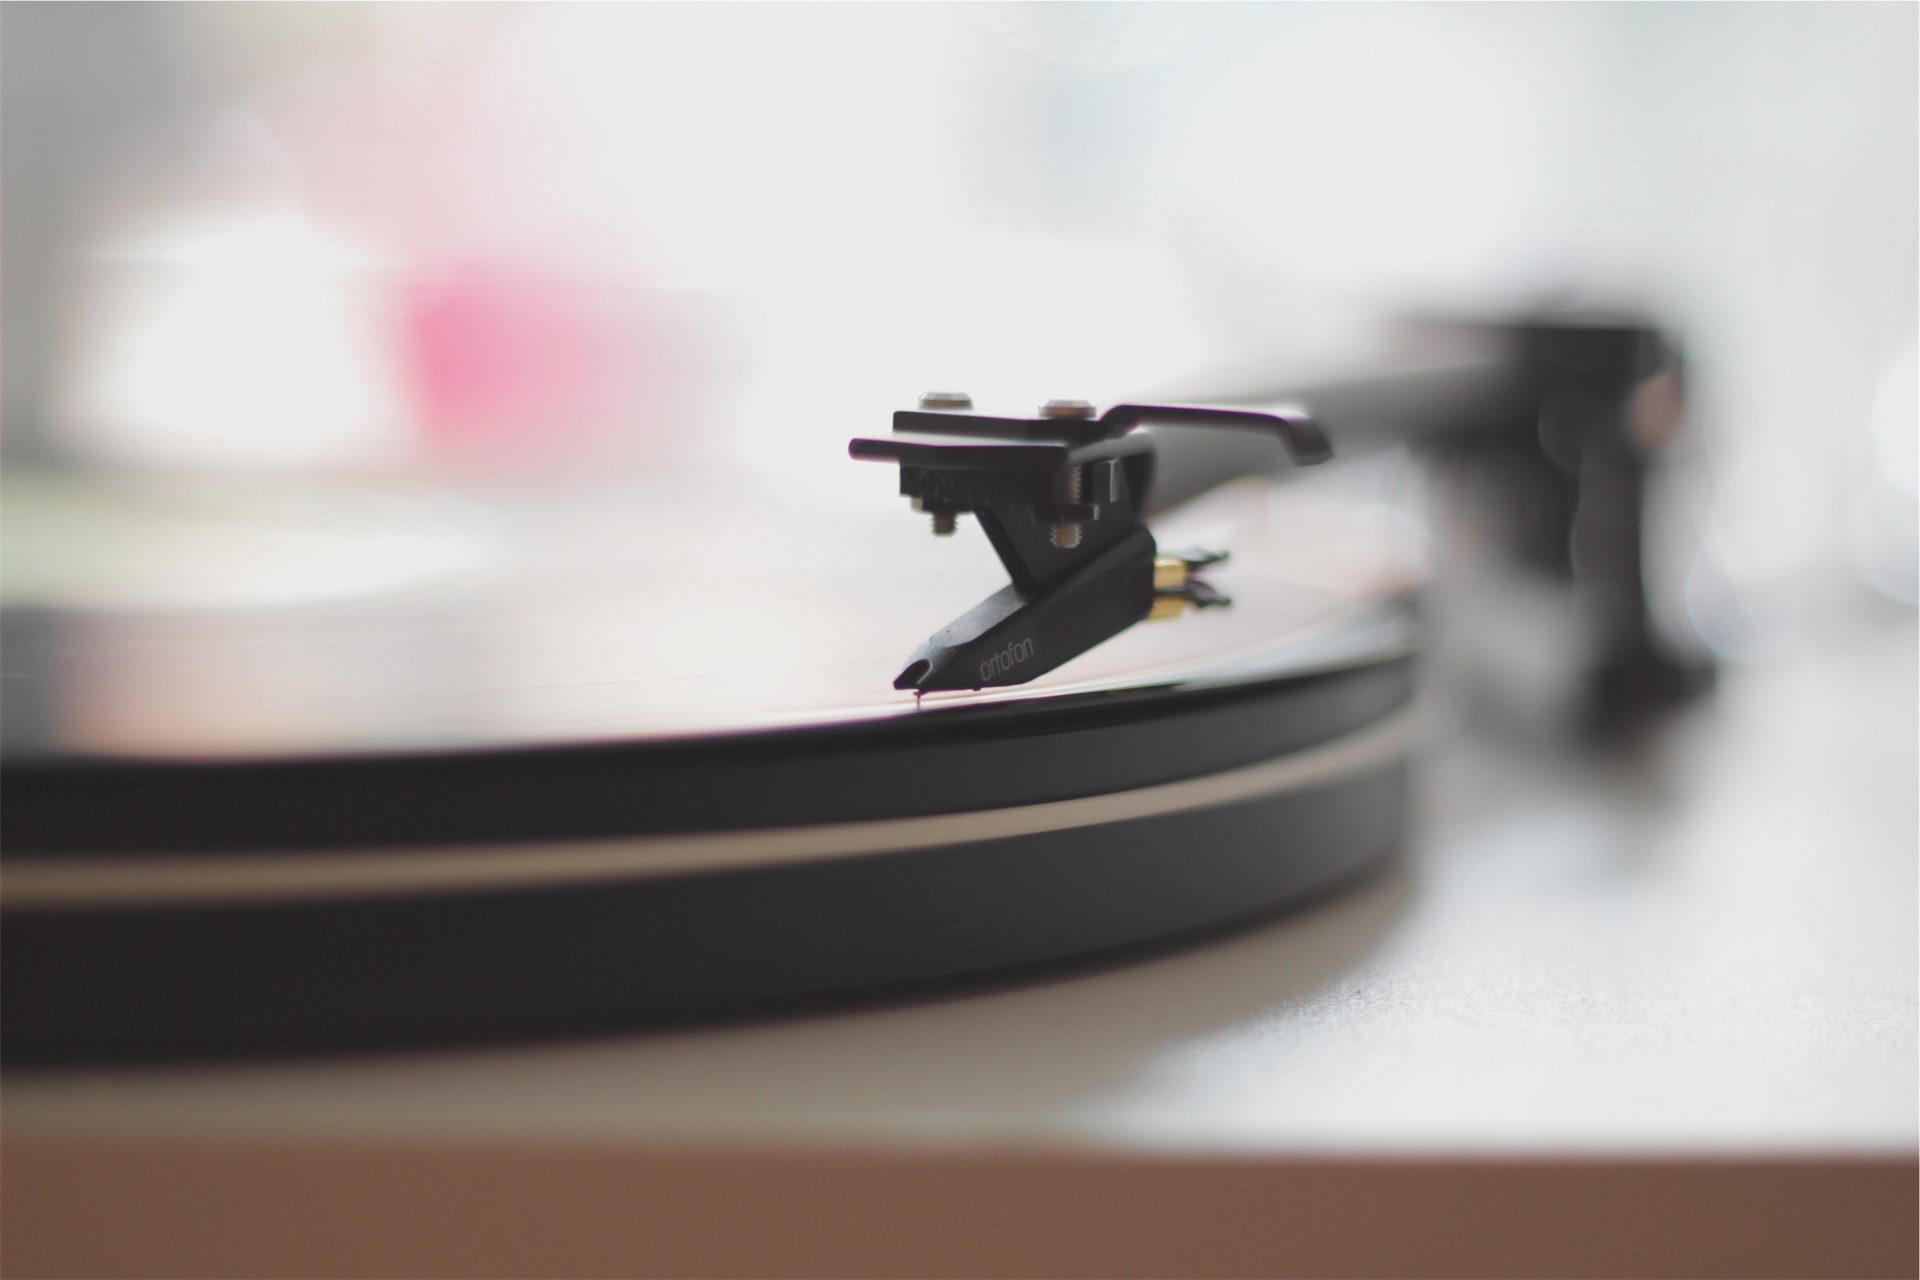 Plattenspieler, Disk, Nadel, Vinyl, Jahrgang - Wallpaper HD - Prof.-falken.com